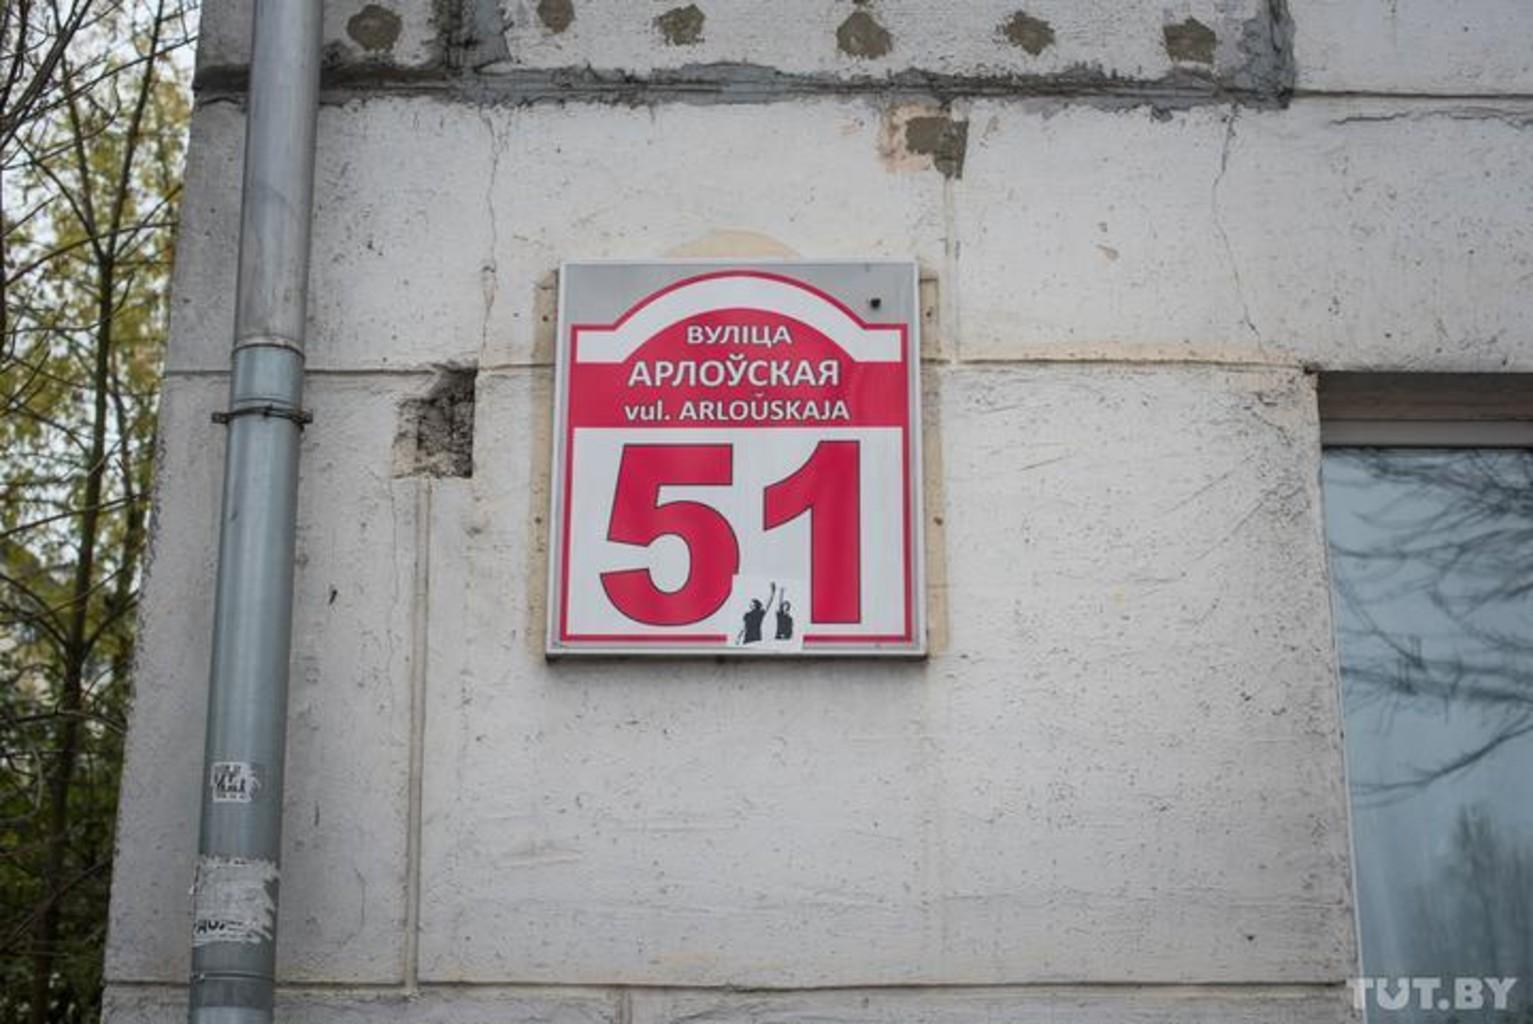 Orlovskaya serebryakova tutby mvs 7352